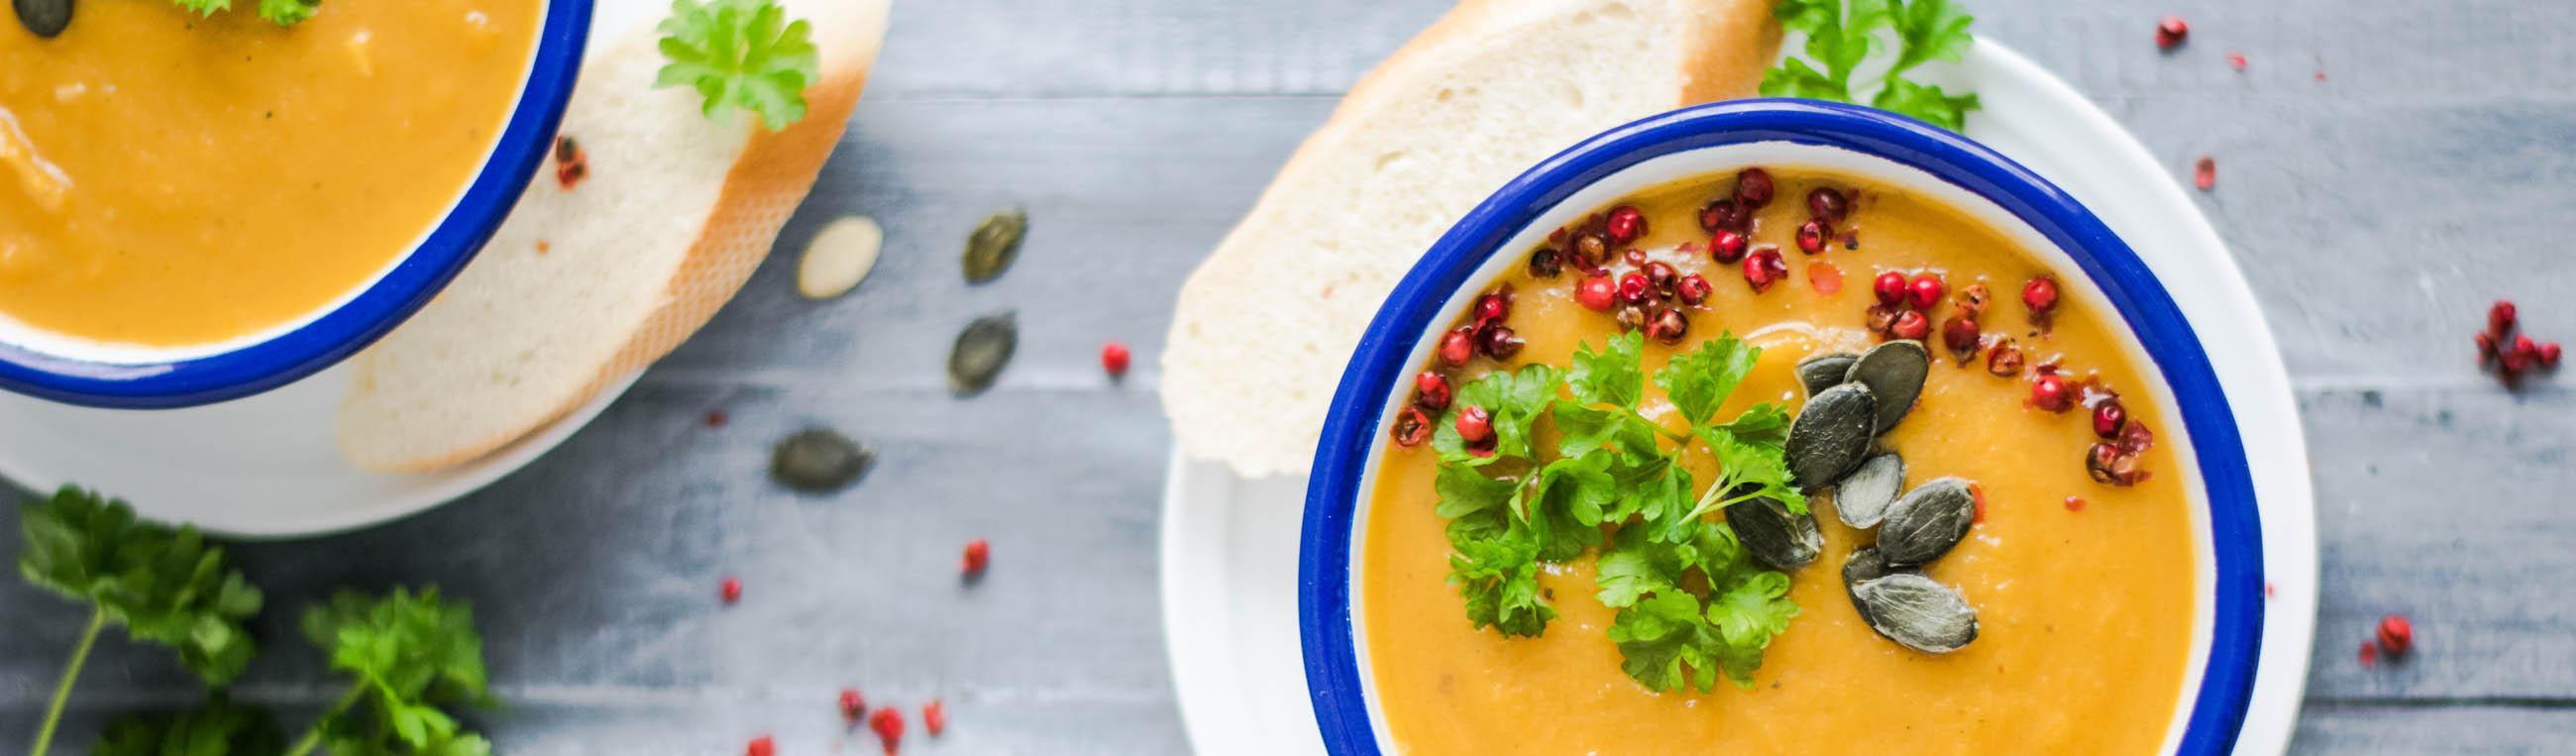 Recept på veganska soppor